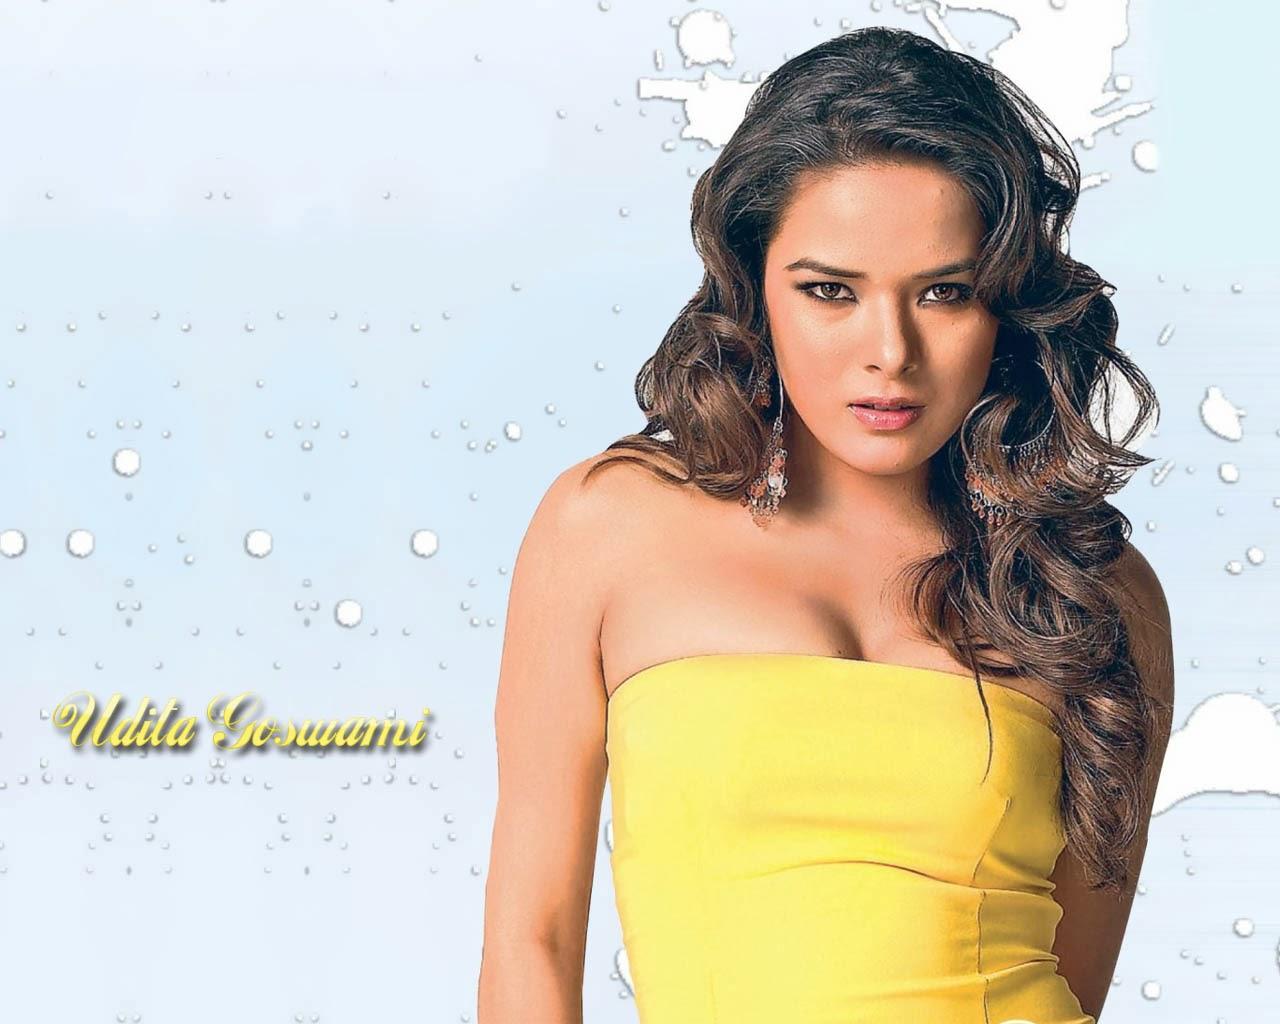 Hot Udita Goswami wallpapers